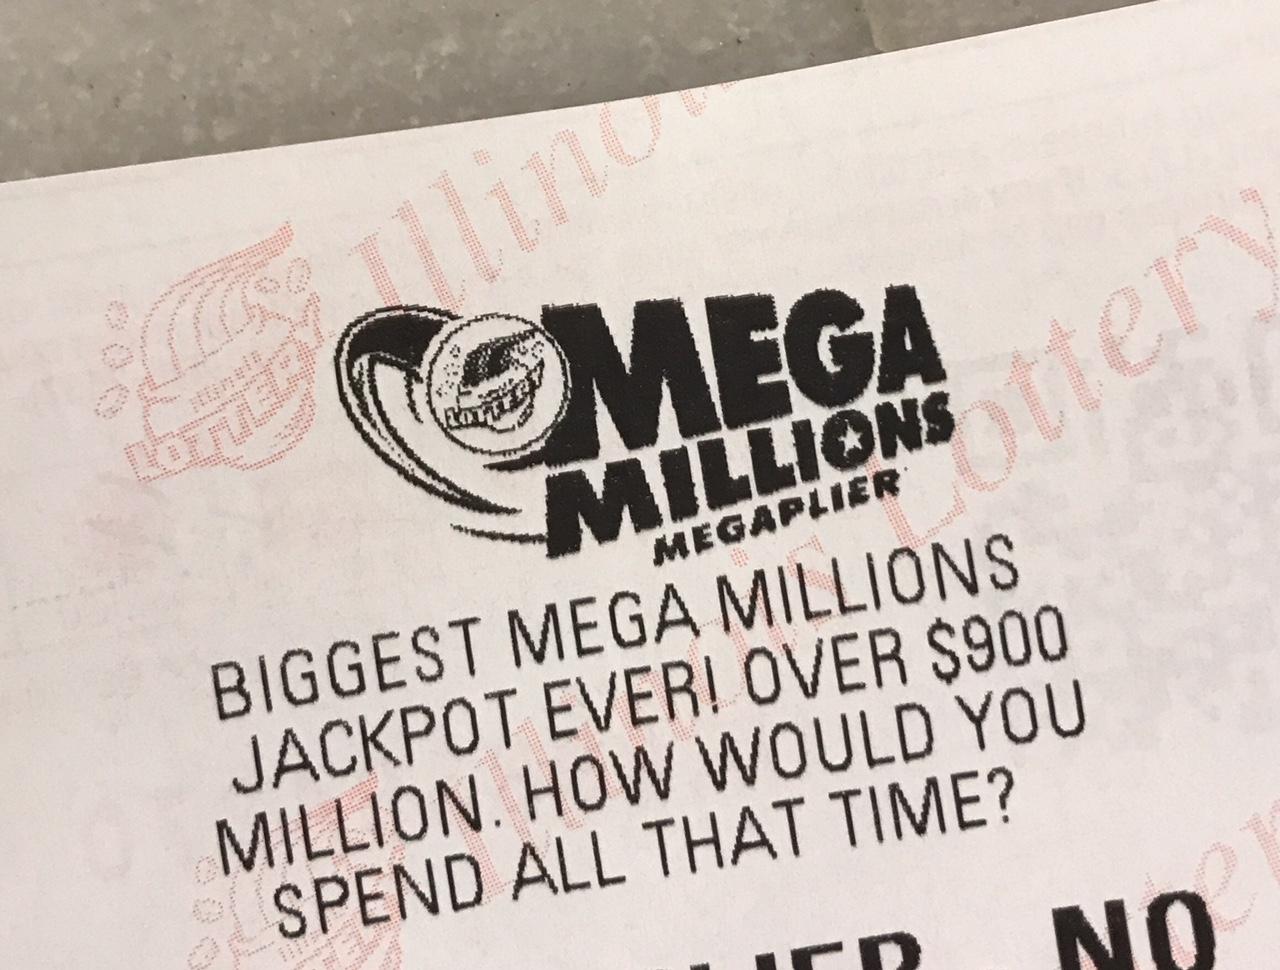 What I Would Do If I Won The Mega Millions